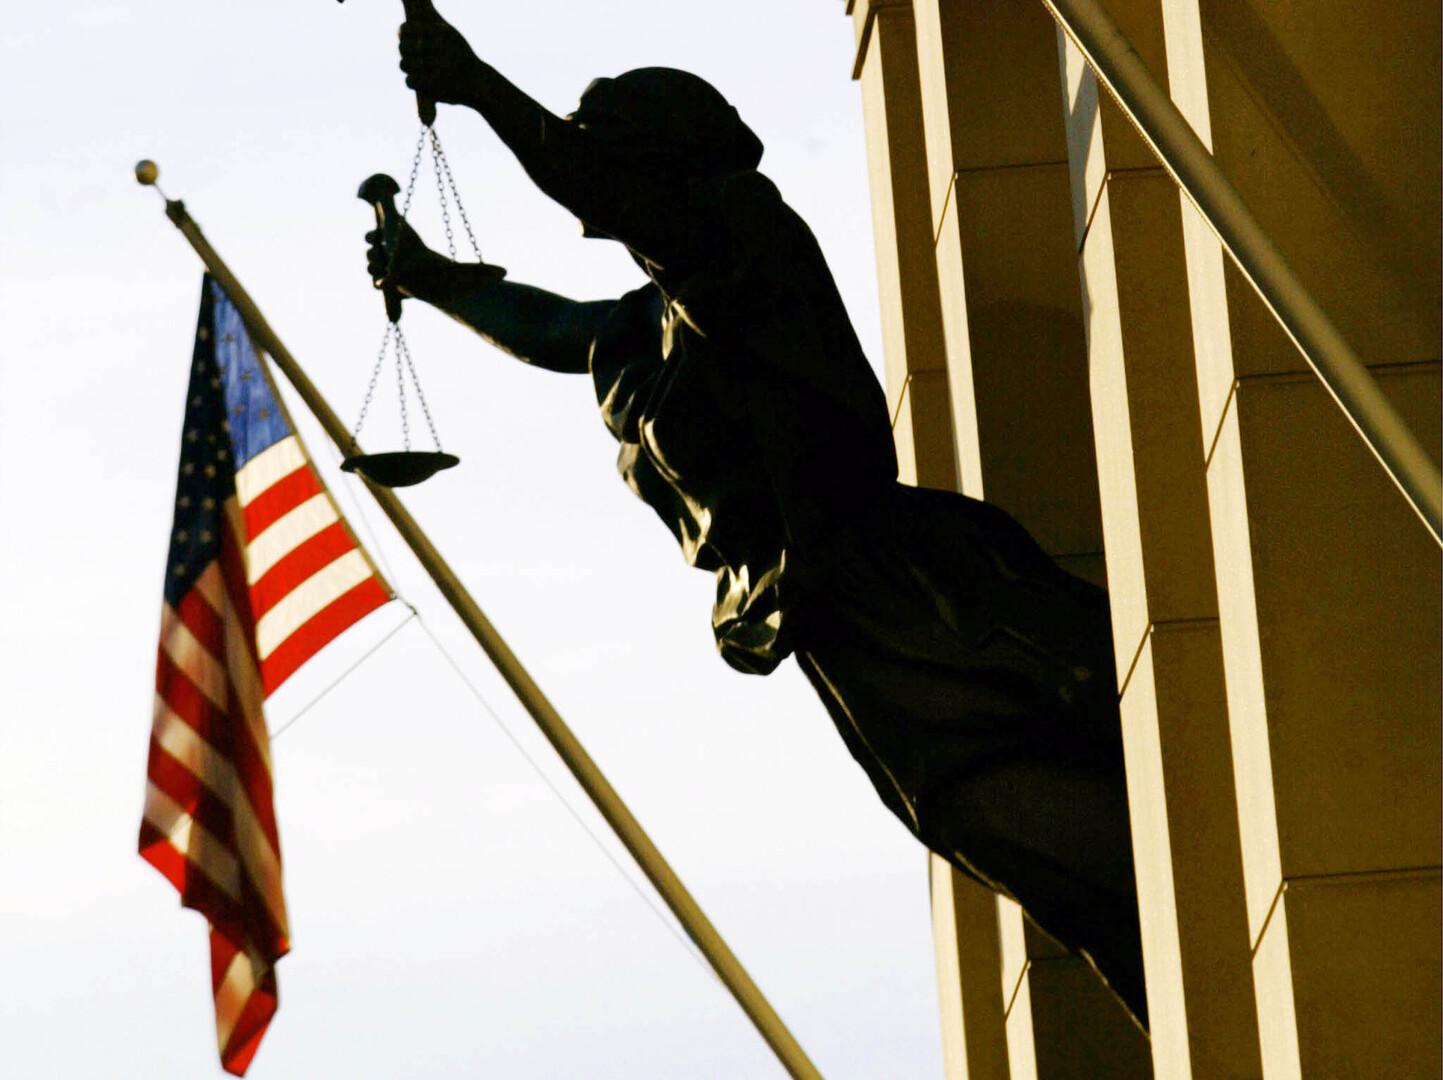 مسؤول أمريكي يؤكد اعتقال باحثة صينية لجأت إلى قنصلية بكين في سان فرانسيسكو